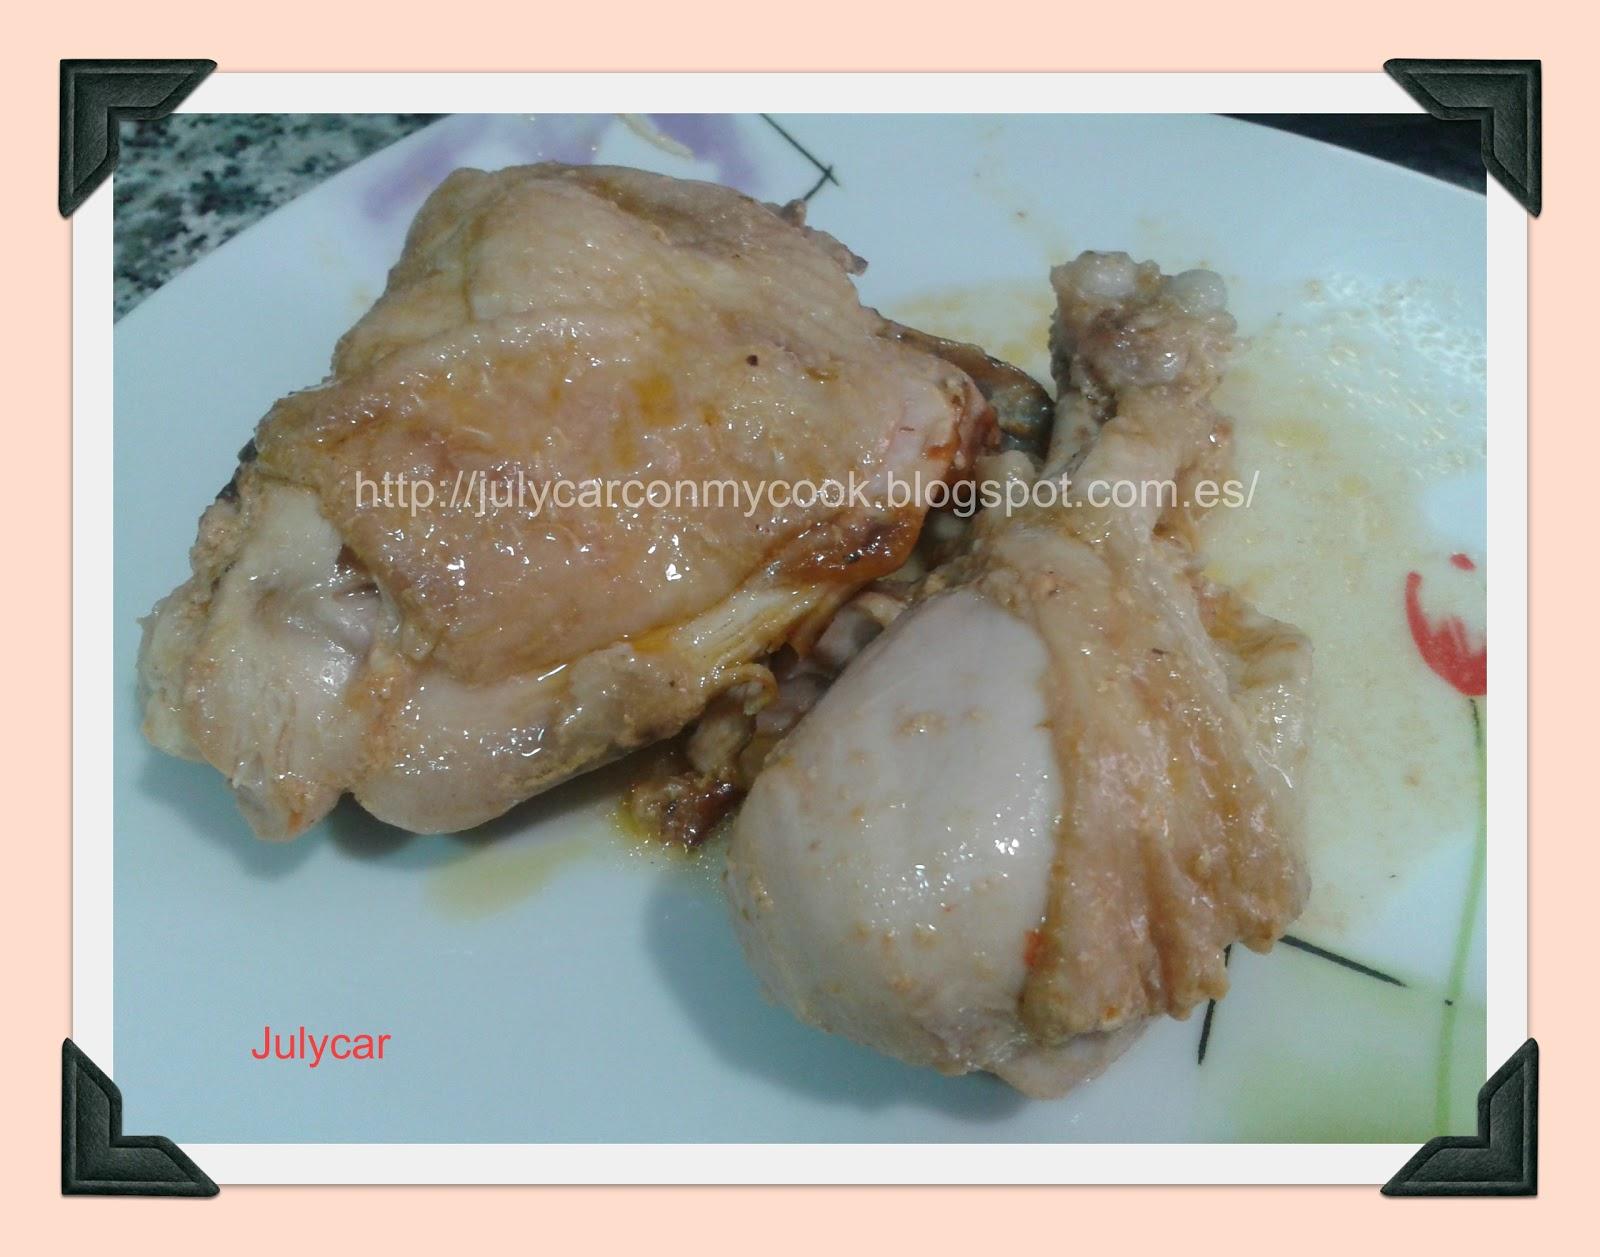 Recetas dukan by julycar pollo con tomate y nata - Salsa de tomate y nata ...